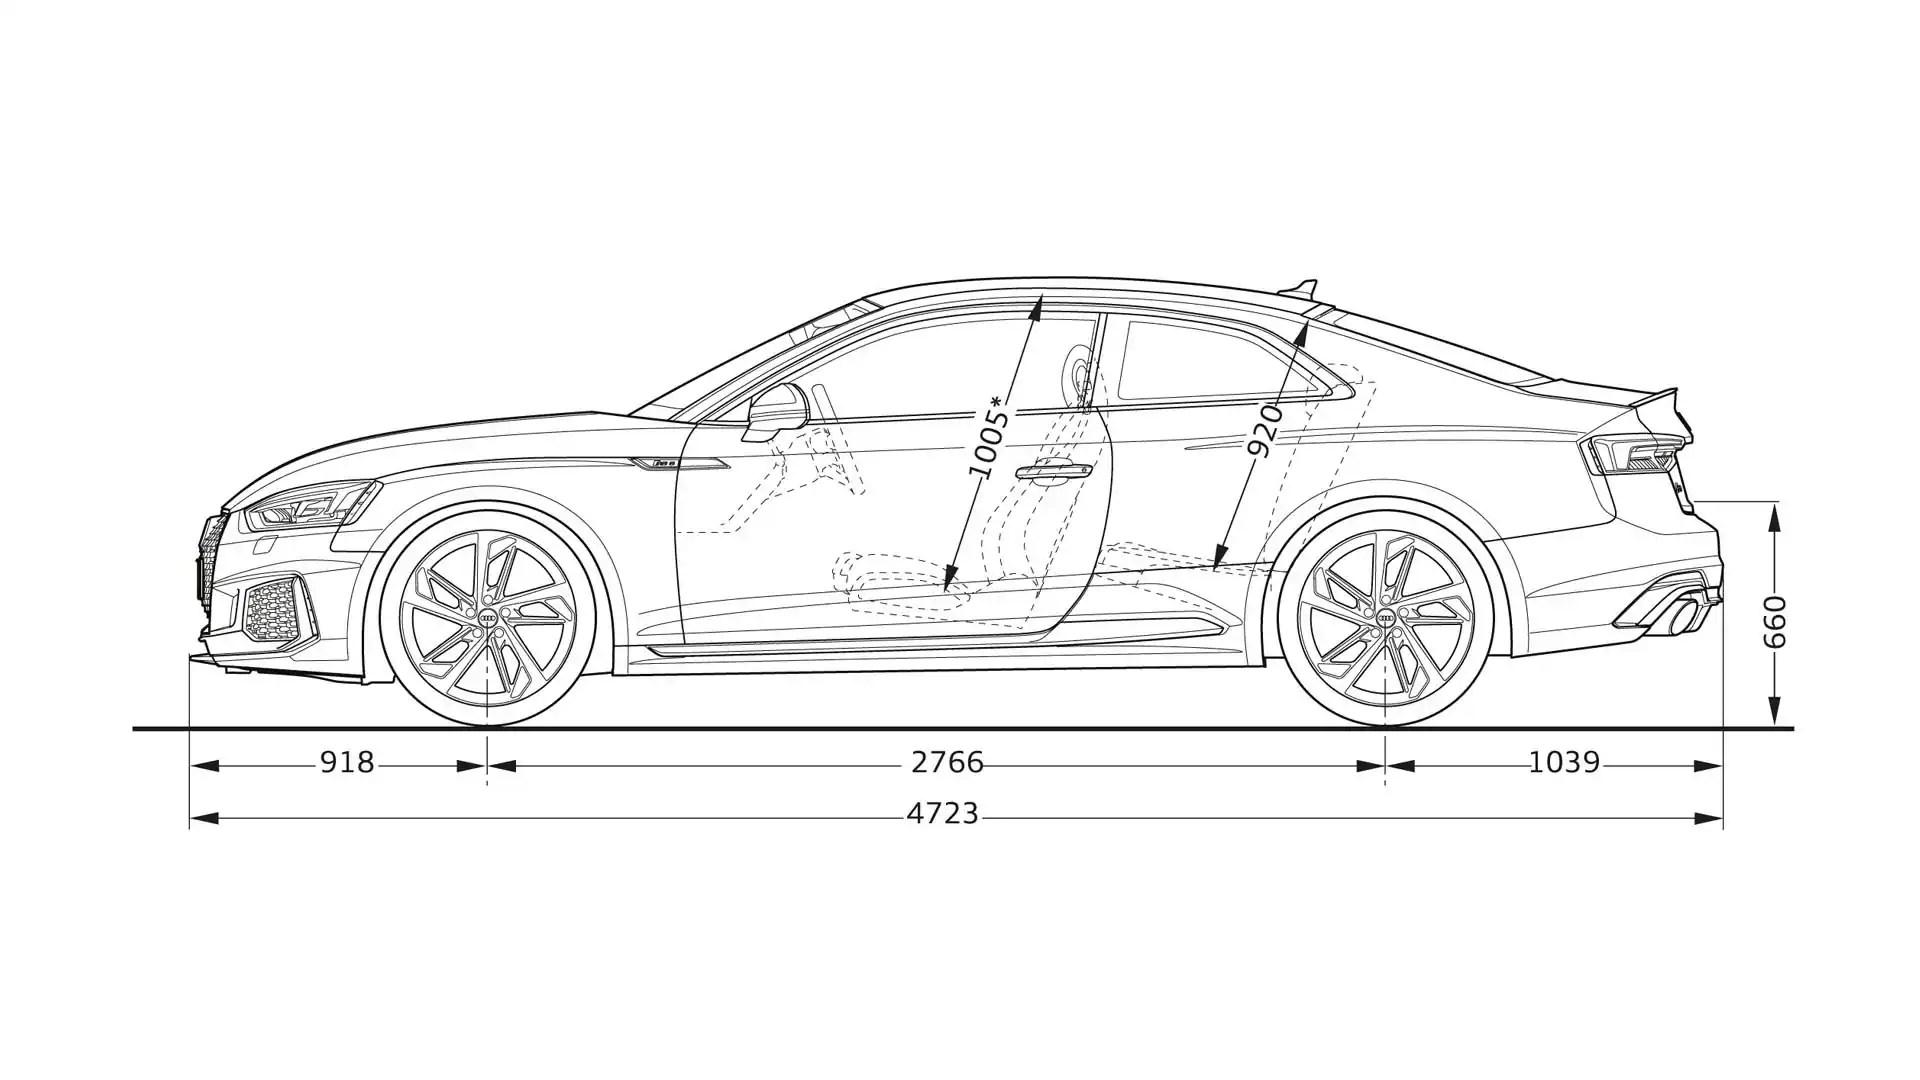 Audi Rs5 Dimensions Gt Audi Rs5 Gt Audi A5 Gt Audi